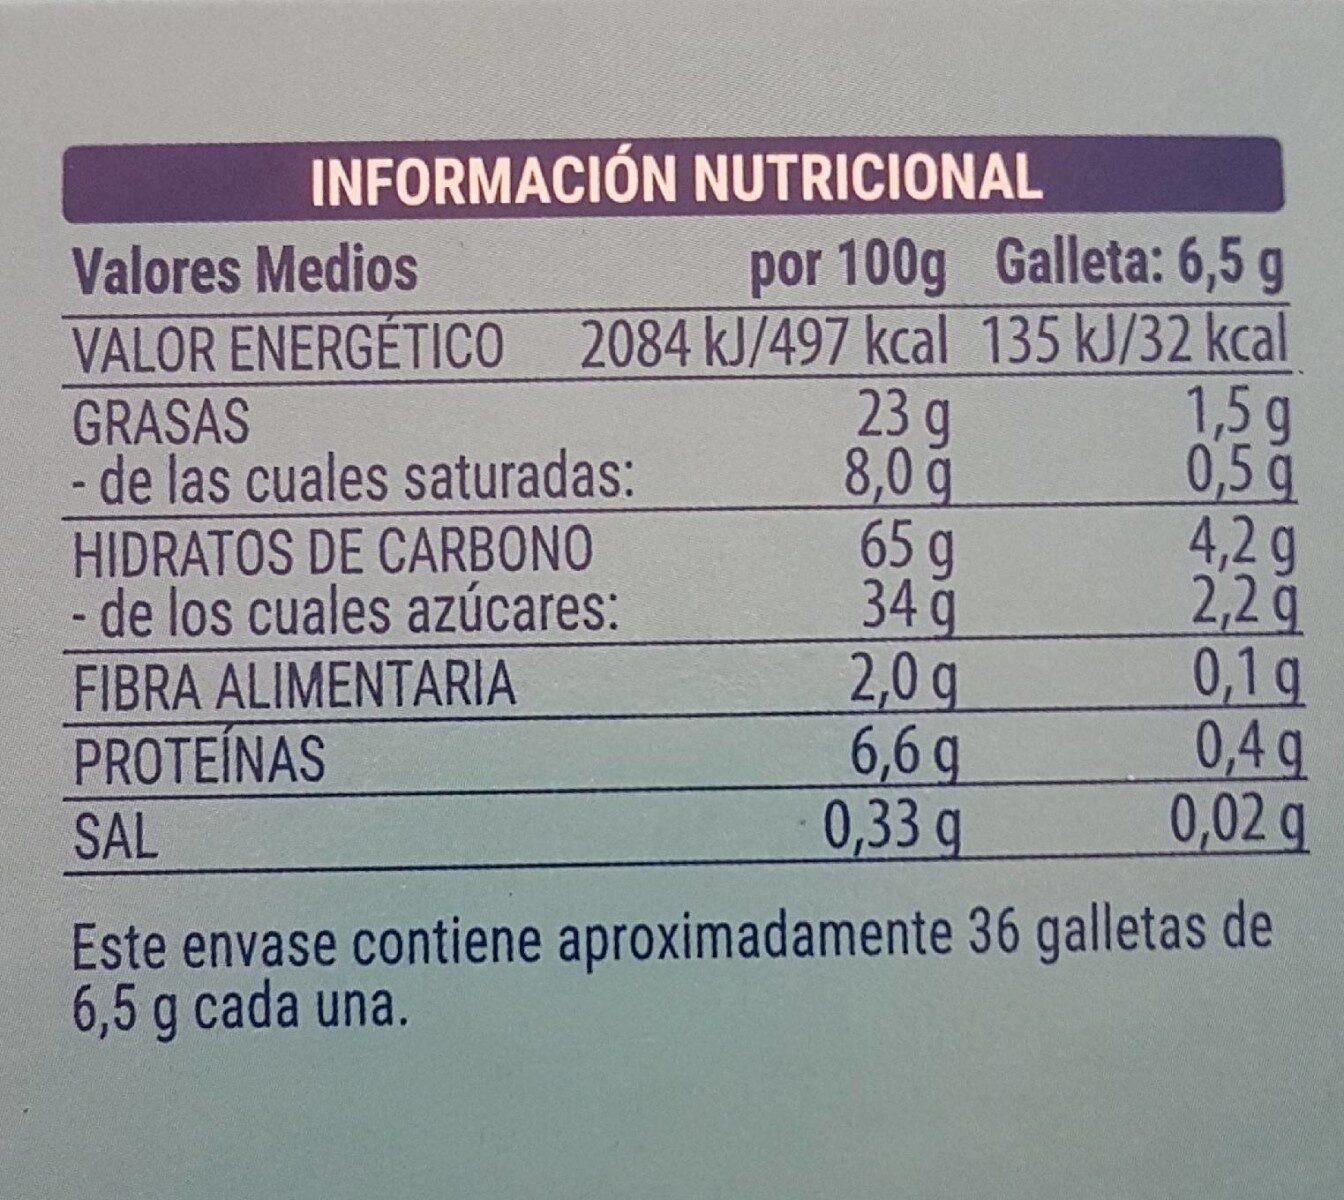 Galleta rellena de crema y recubierta de chocolate blanco - Valori nutrizionali - es